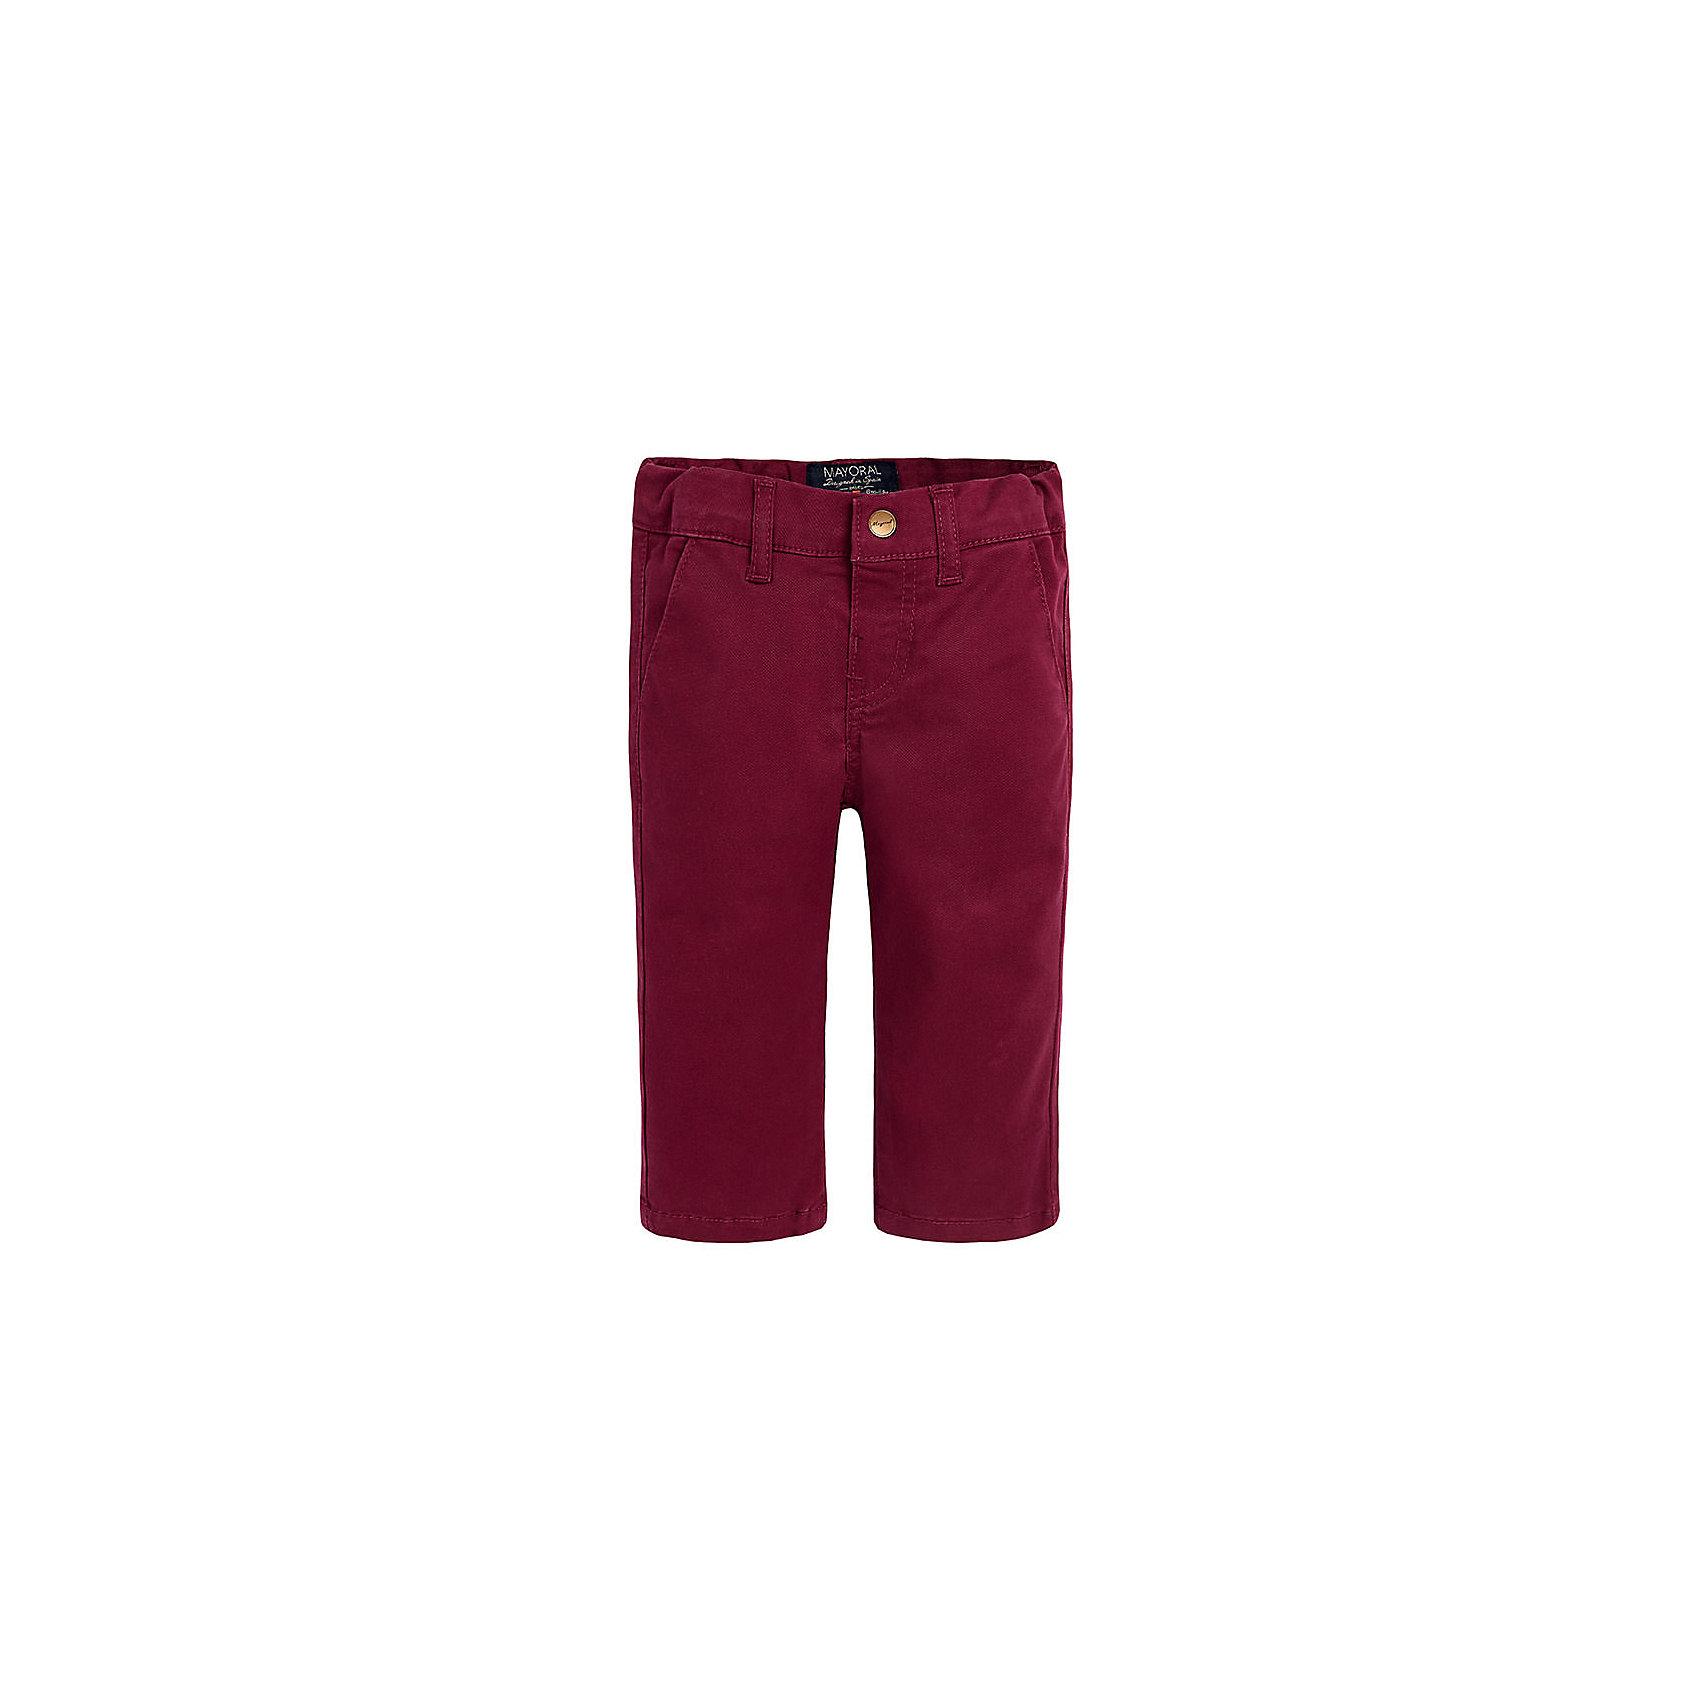 Брюки для мальчика MayoralДжинсы и брючки<br>Удлиненные джинсовые шорты зауженного кроя, отличный вариант для лета или теплой осени!<br><br>Дополнительная информация:<br><br>- Крой: зауженный крой (Slim fit).<br>- Страна бренда: Испания.<br>- Состав: хлопок 98%, эластан 2%.<br>- Цвет: бежевый.<br>- Уход: бережная стирка при 30 градусах.<br><br>Купить брюки для мальчика Mayoral можно в нашем магазине.<br><br>Ширина мм: 215<br>Глубина мм: 88<br>Высота мм: 191<br>Вес г: 336<br>Цвет: бежевый<br>Возраст от месяцев: 12<br>Возраст до месяцев: 15<br>Пол: Мужской<br>Возраст: Детский<br>Размер: 80,86,92<br>SKU: 4826683